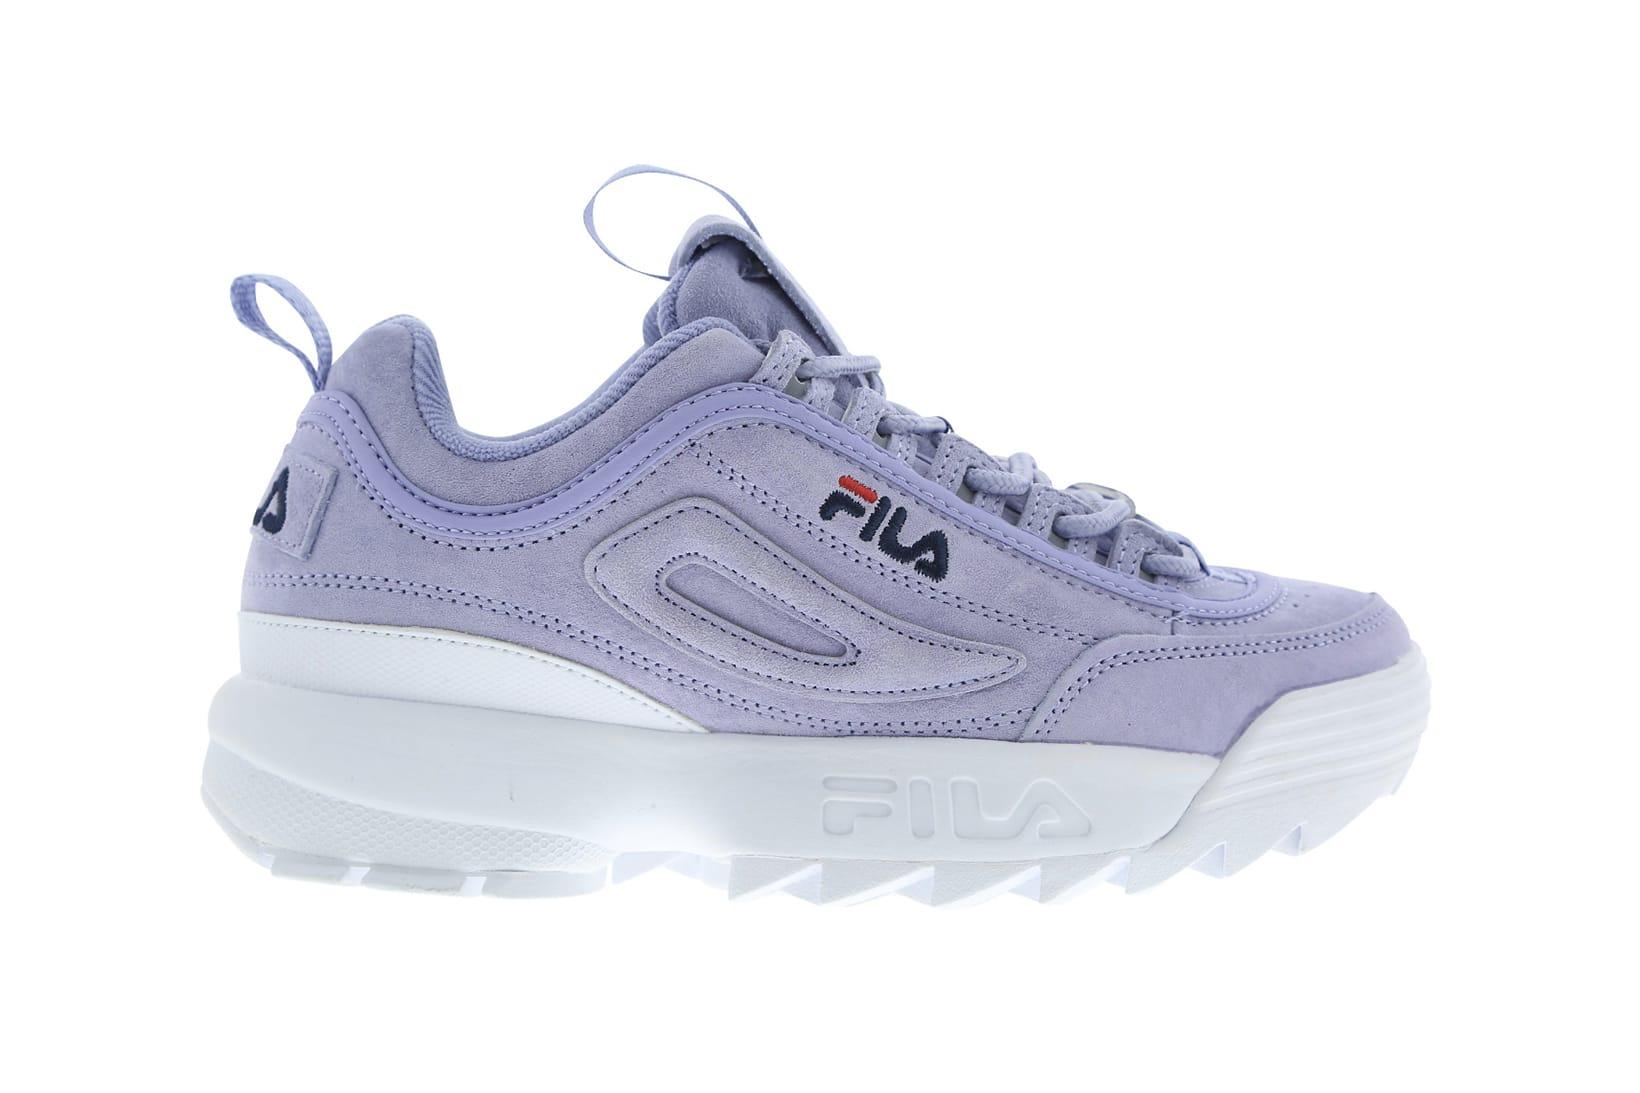 FILA Drops an Ultra Violet Disruptor 2